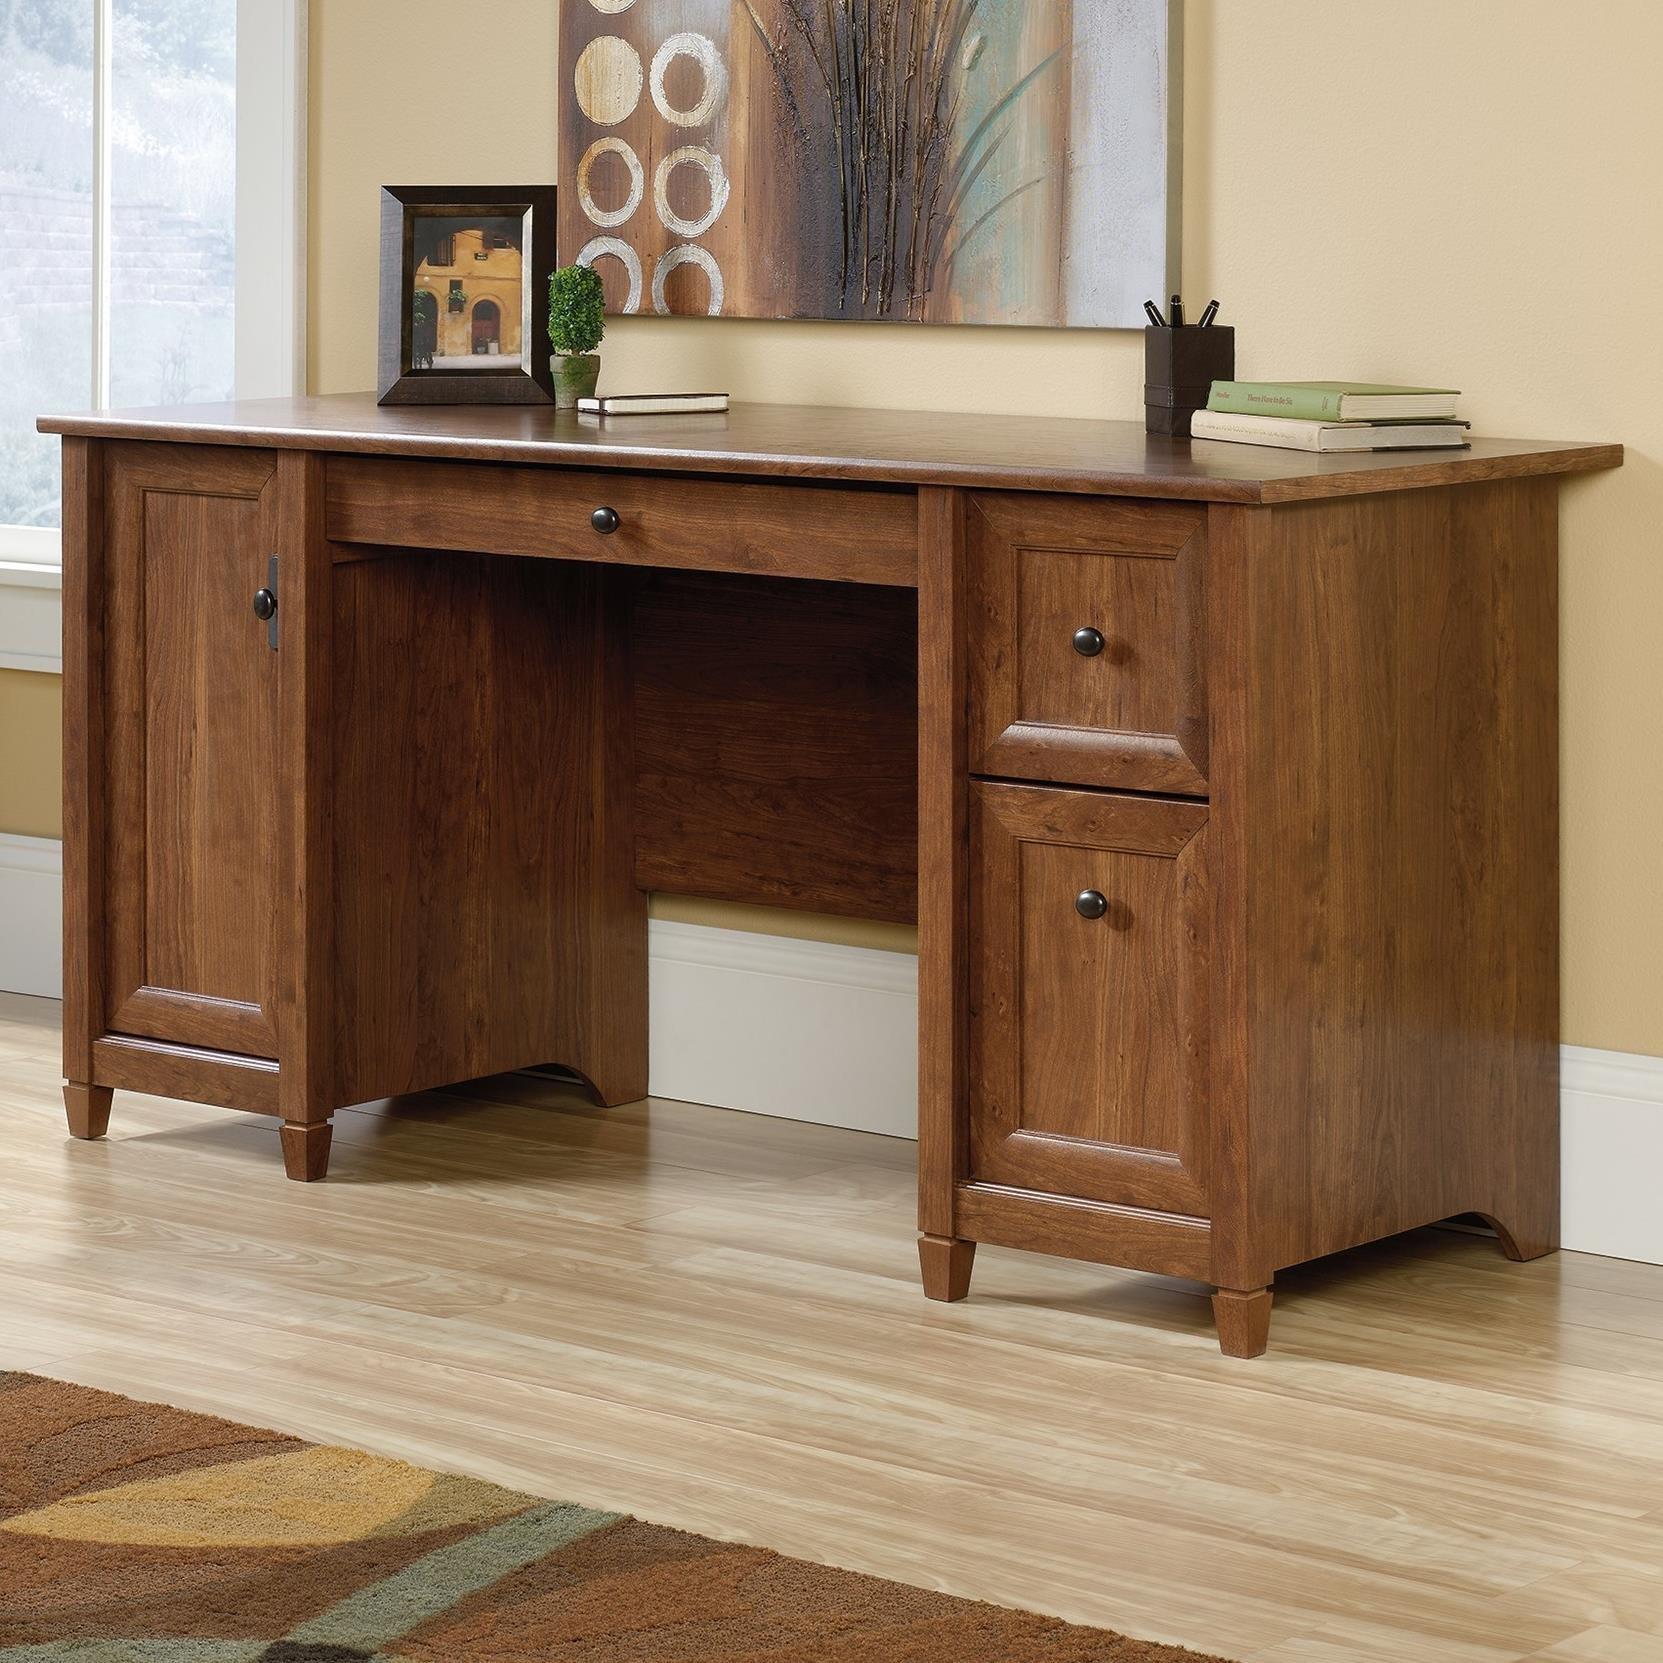 Sauder Edge Water Casual puter Desk Becker Furniture